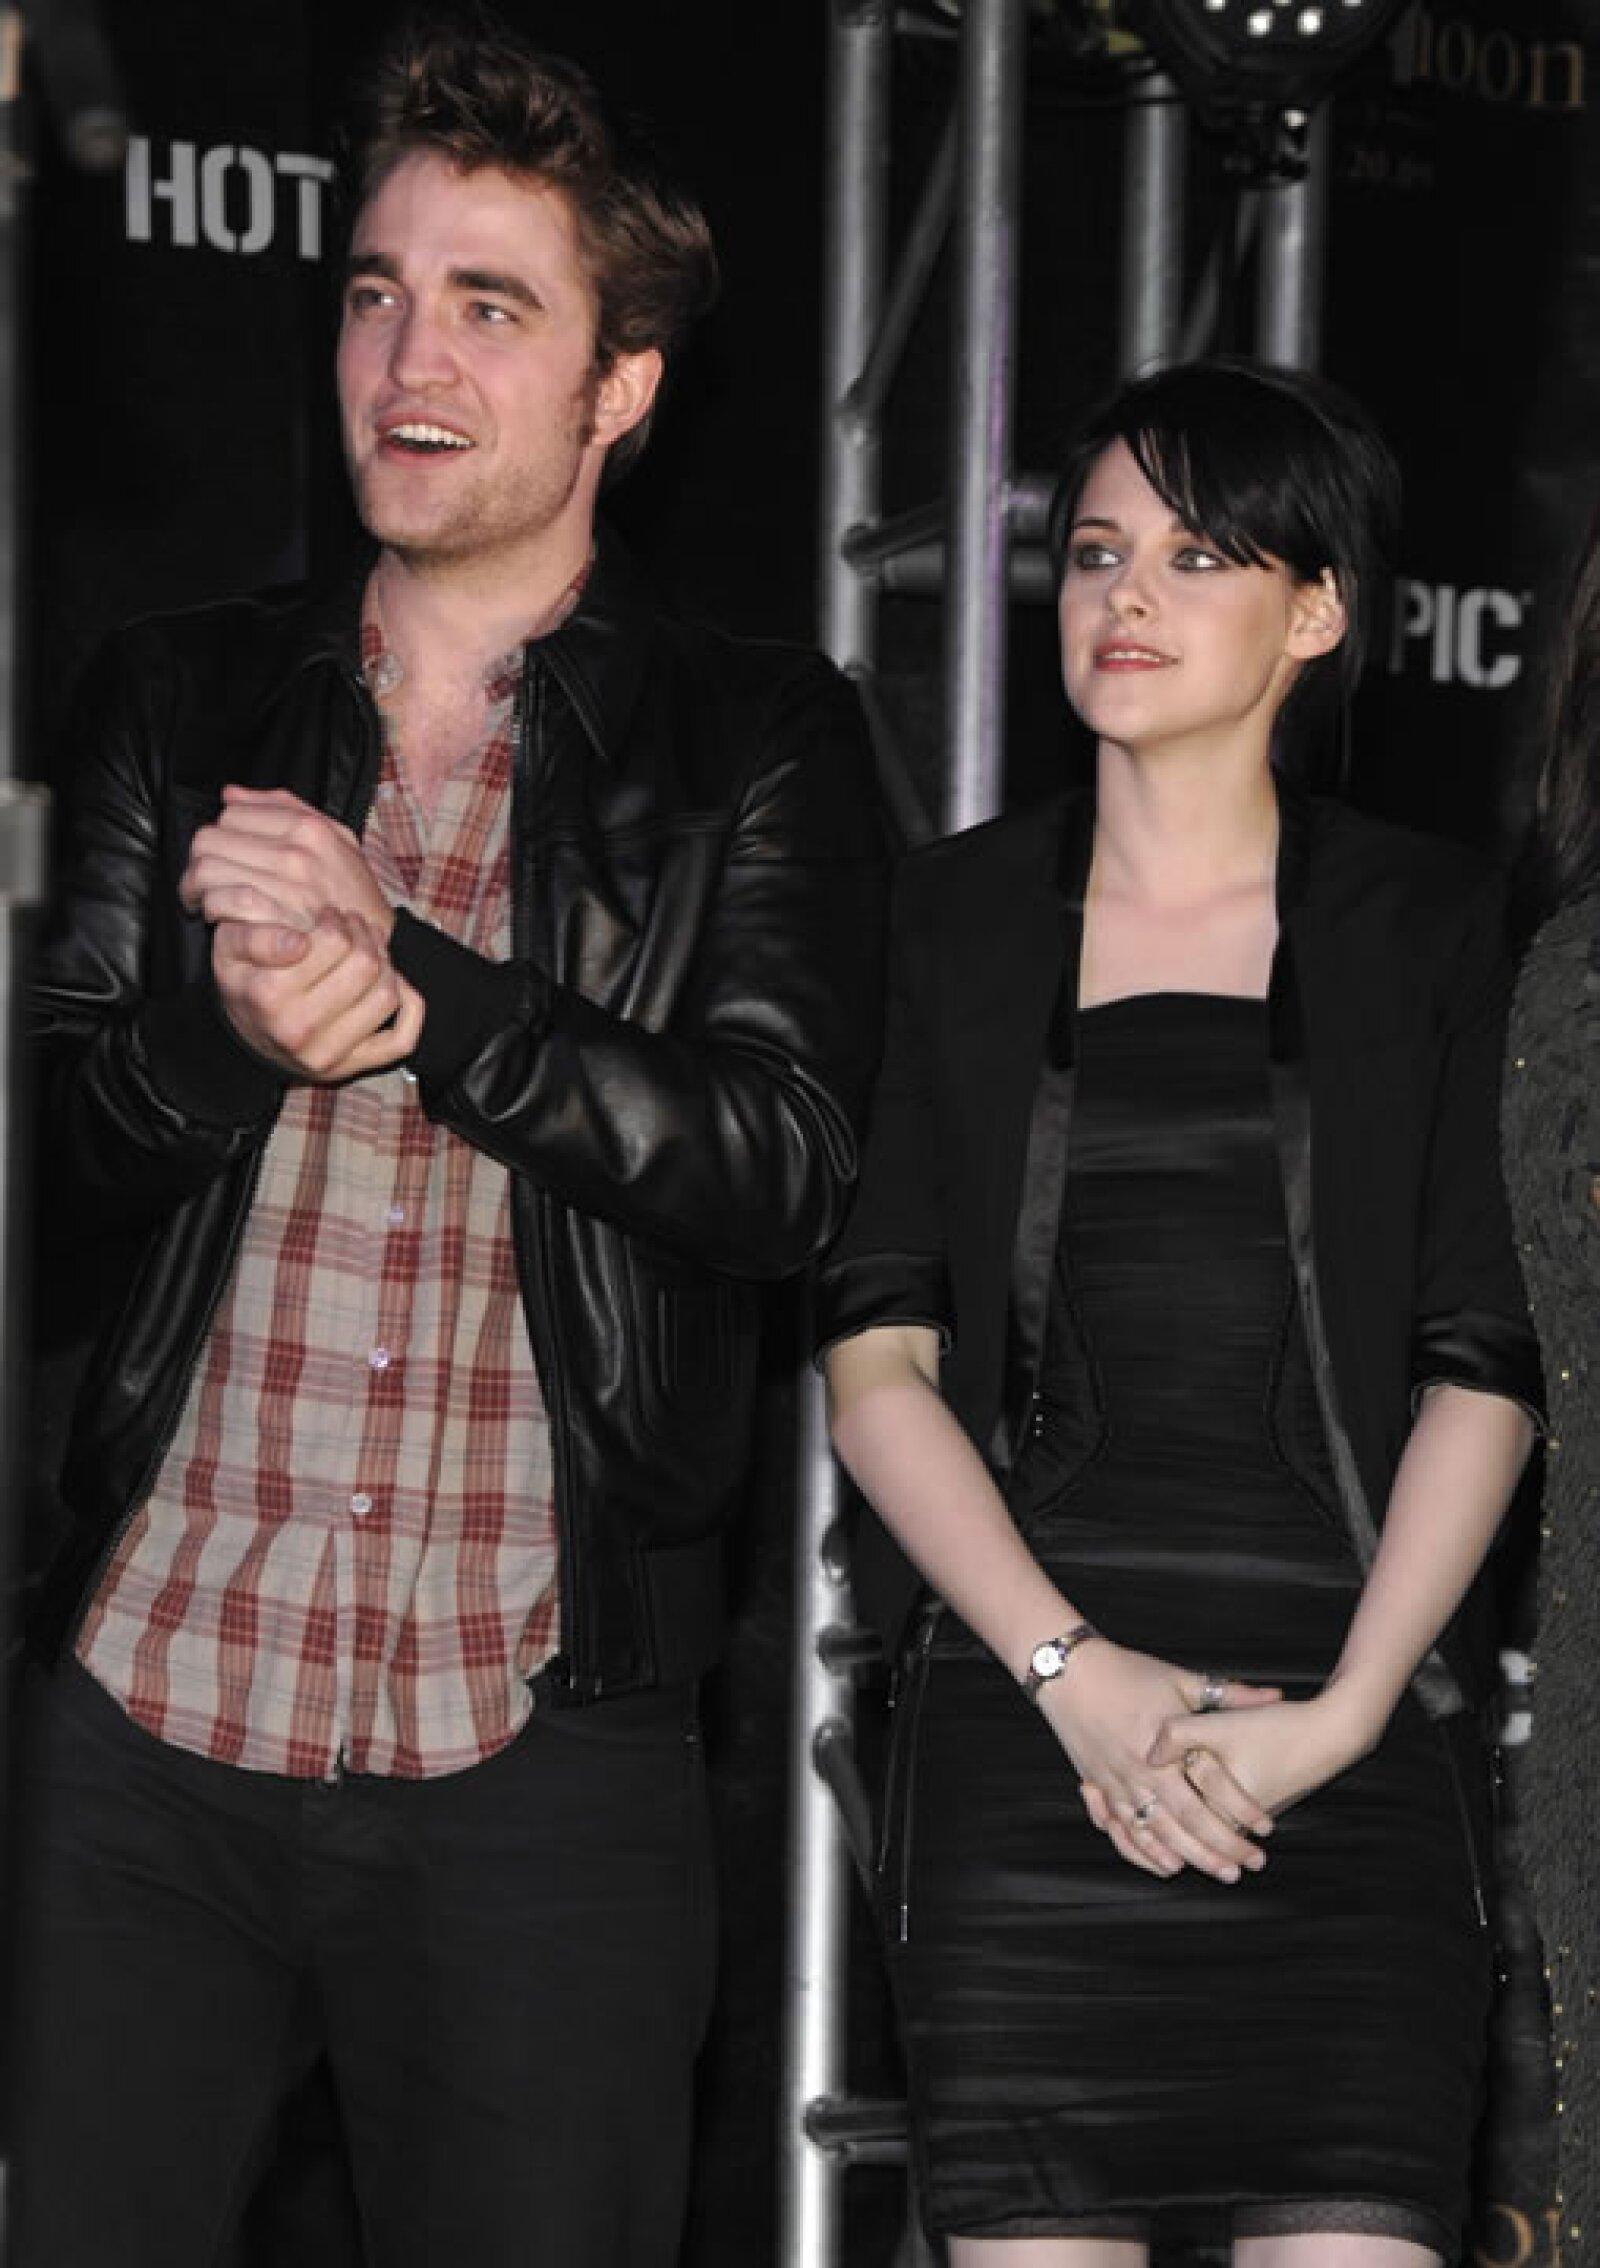 Dos meses después de esto, Kristen viajó con Robert a Inglaterra para recibir juntos el 2010.